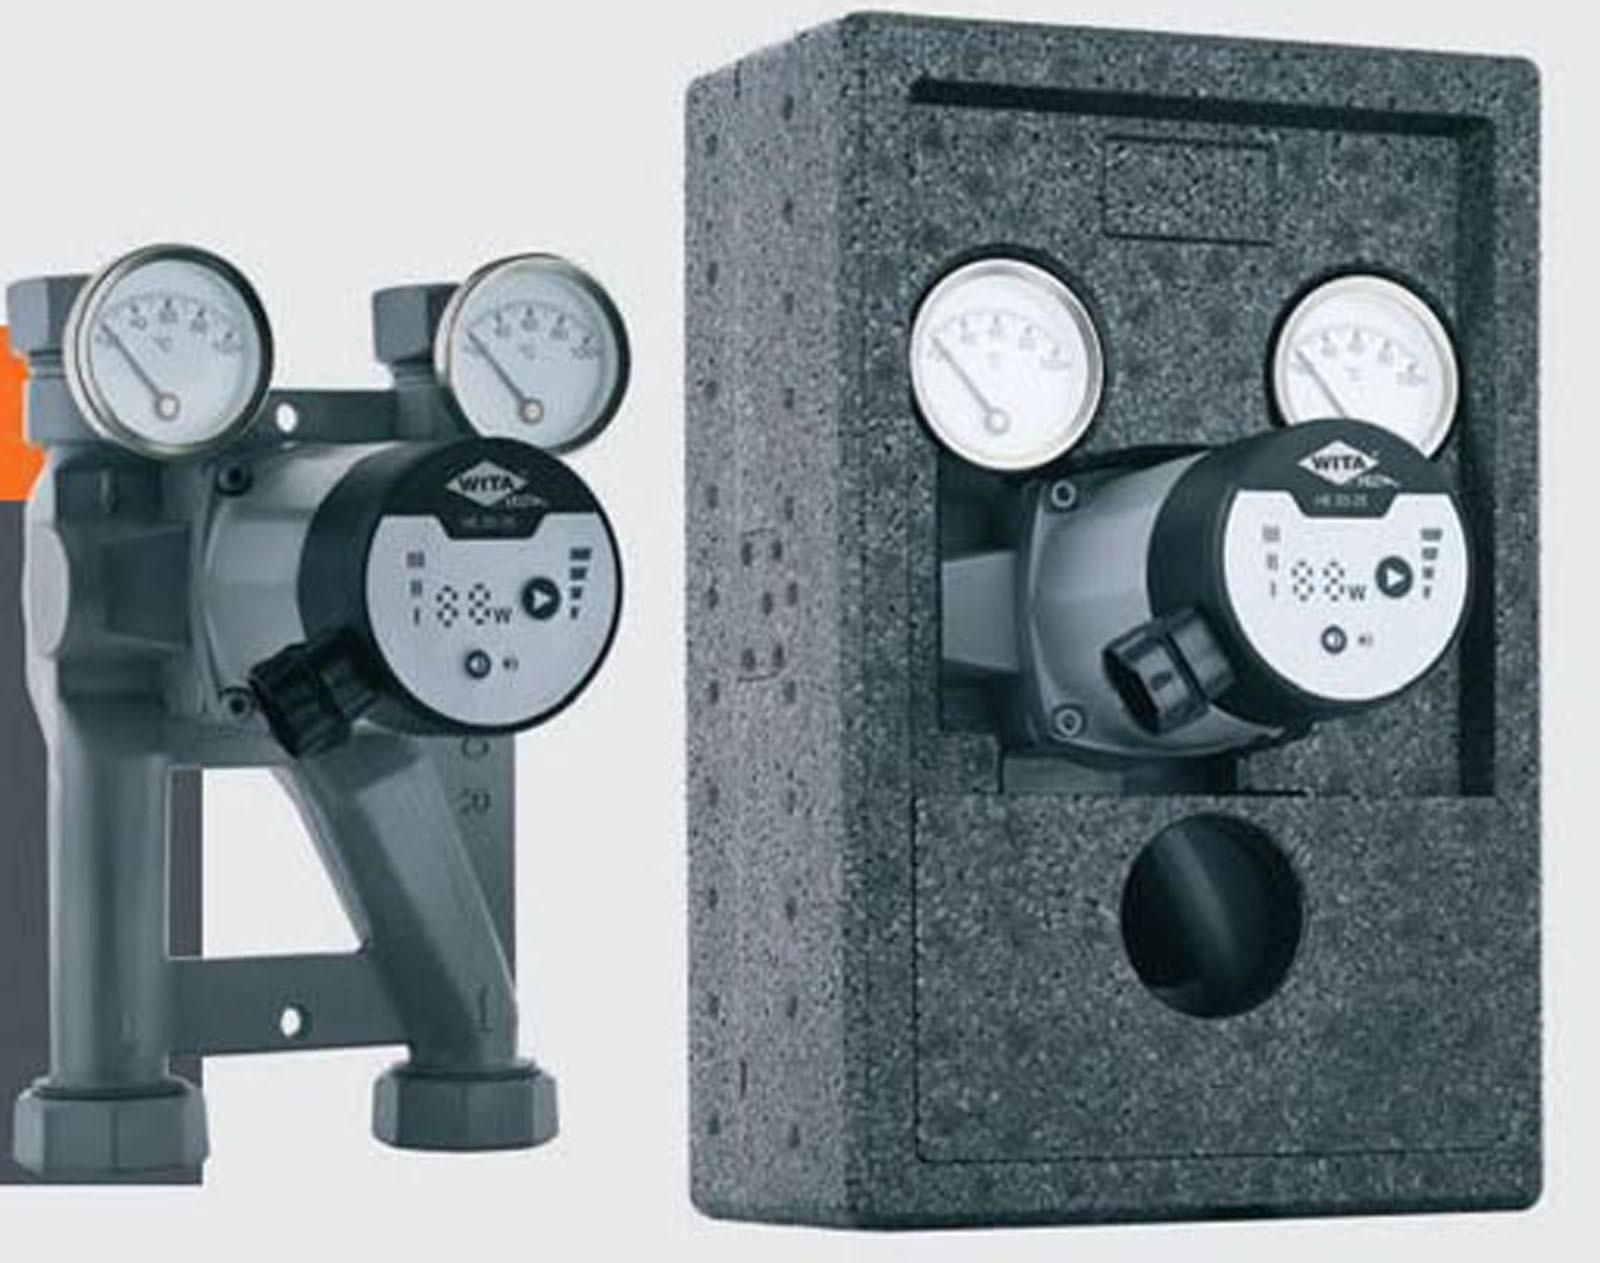 Wita-Bloc T60 R Pumpengruppe DN25 Hocheffizienz Pumpe + Thermometer / 120 mm